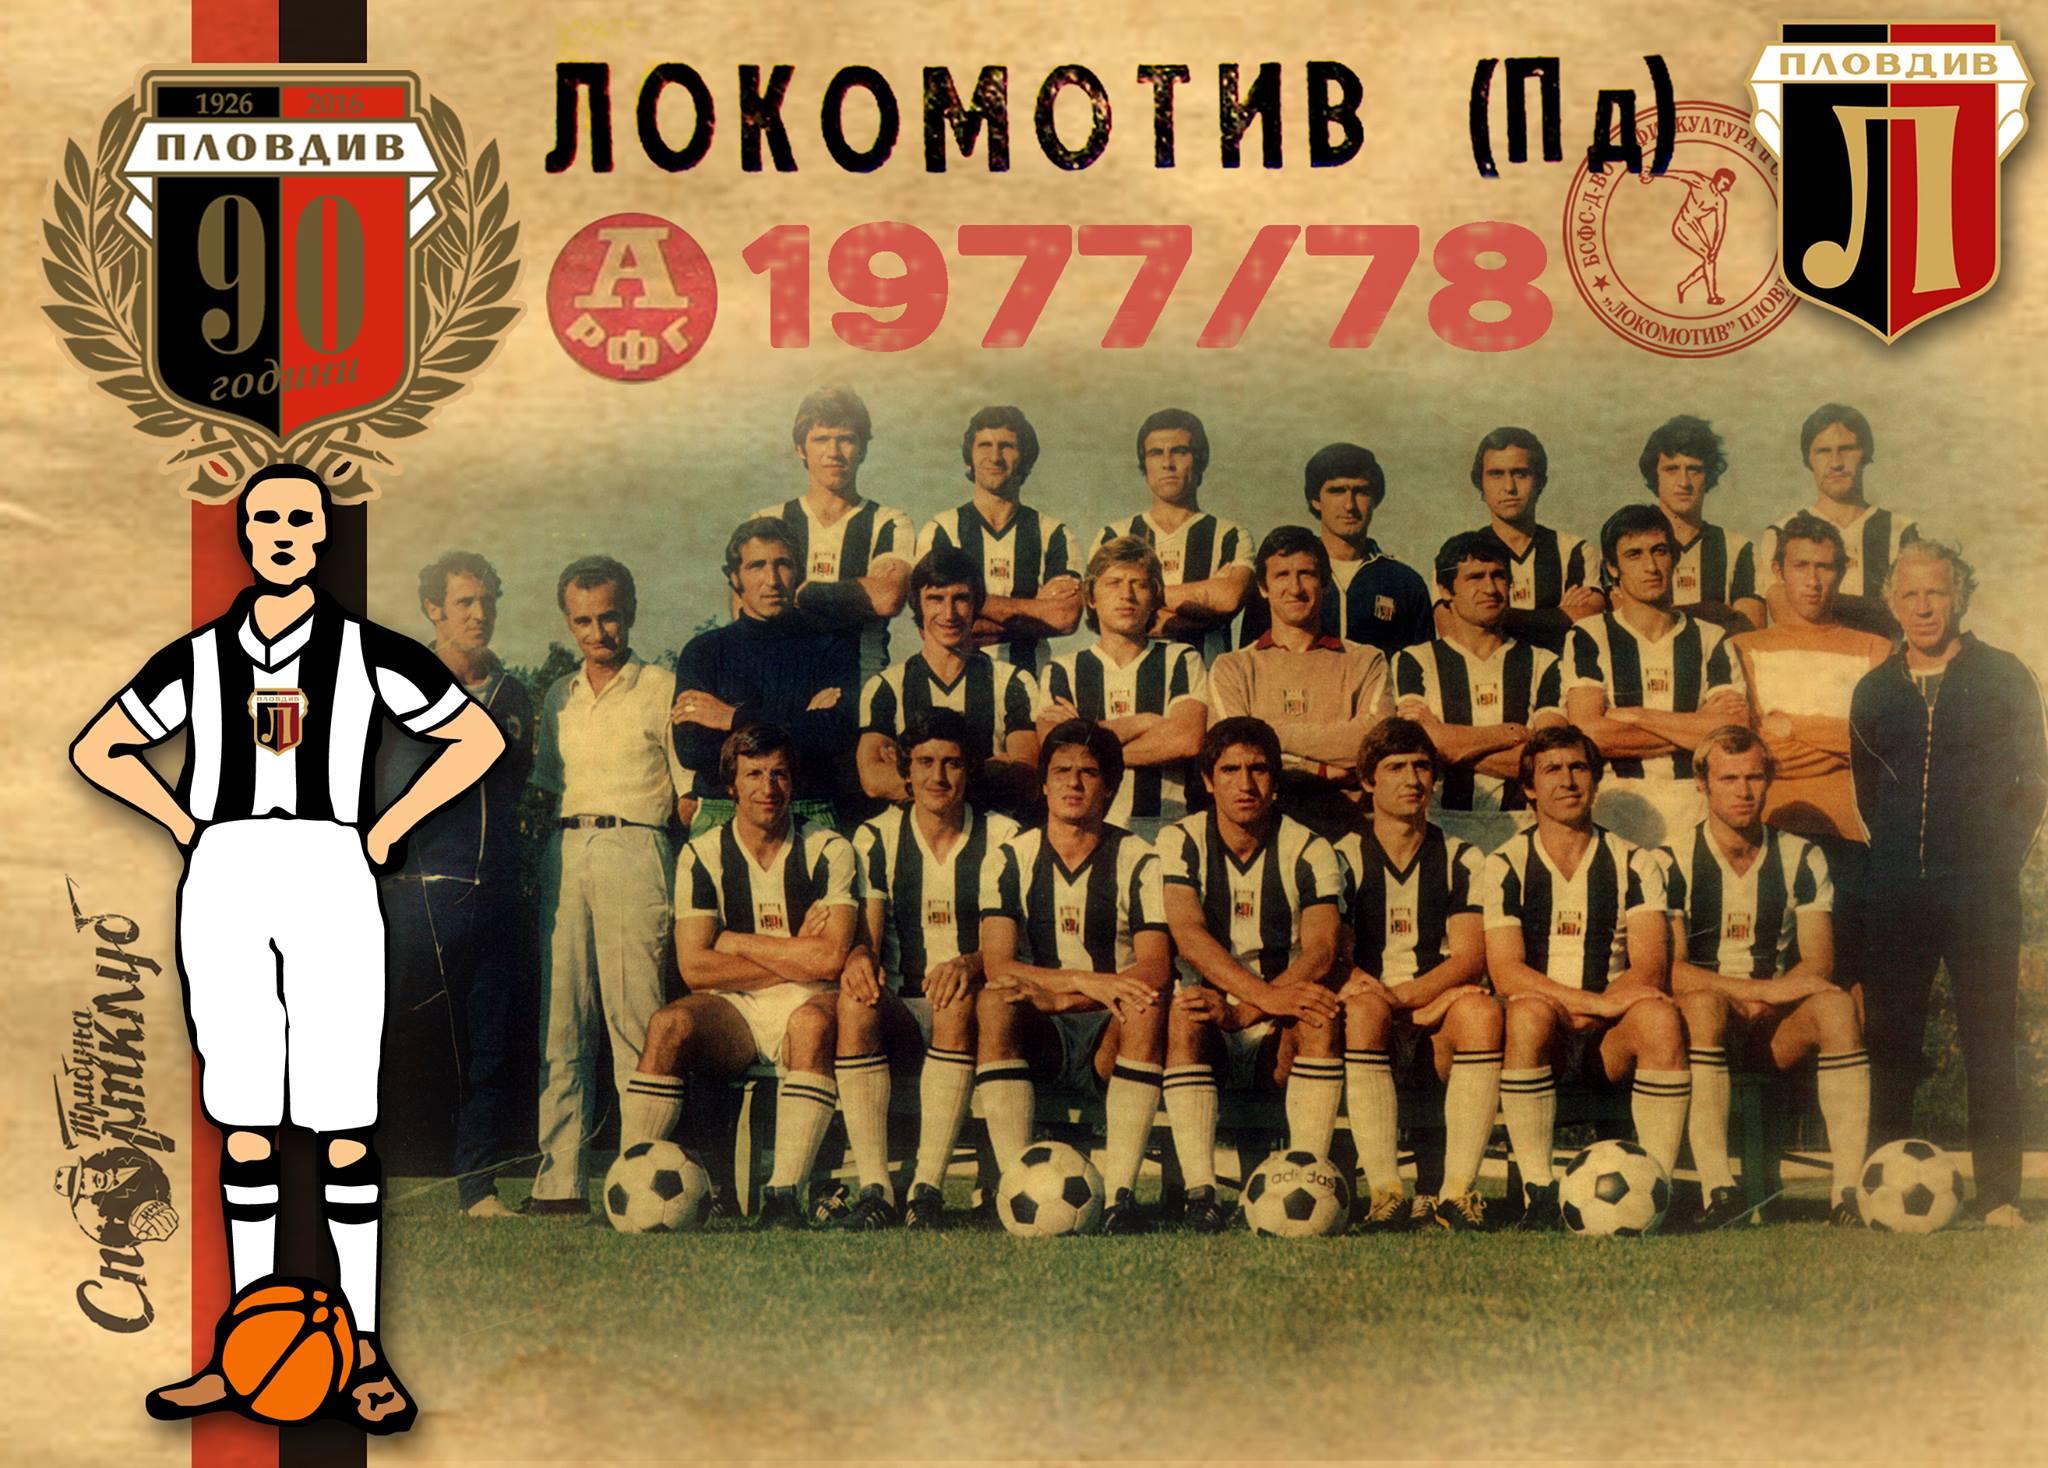 Локомотив Пловдив 1977/78